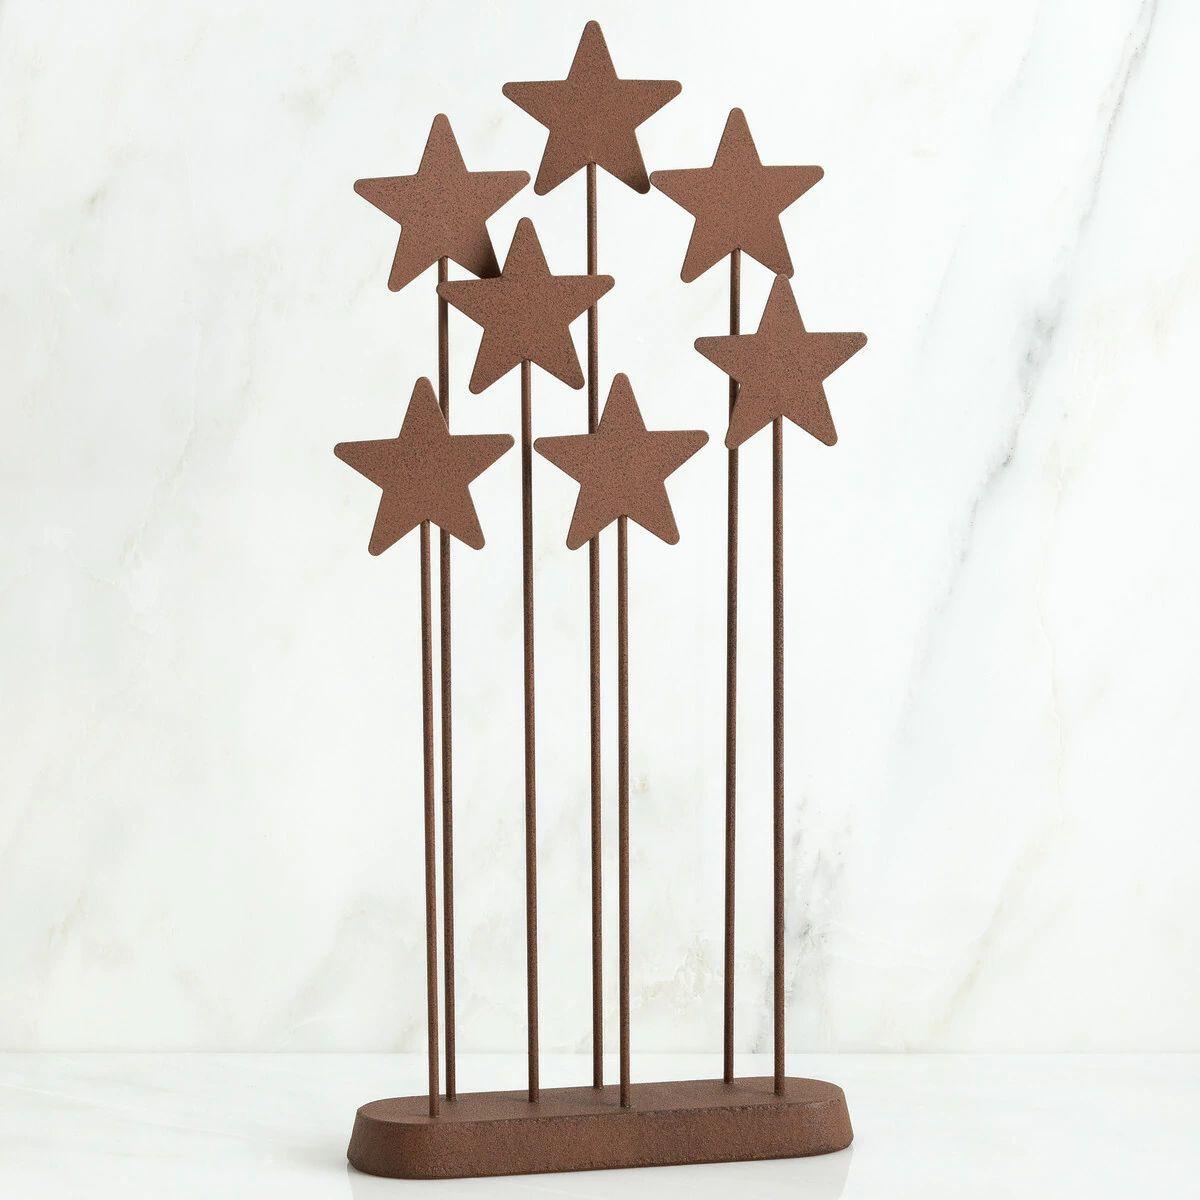 ウィローツリー  【Metal Star Backdrop】 - 星空